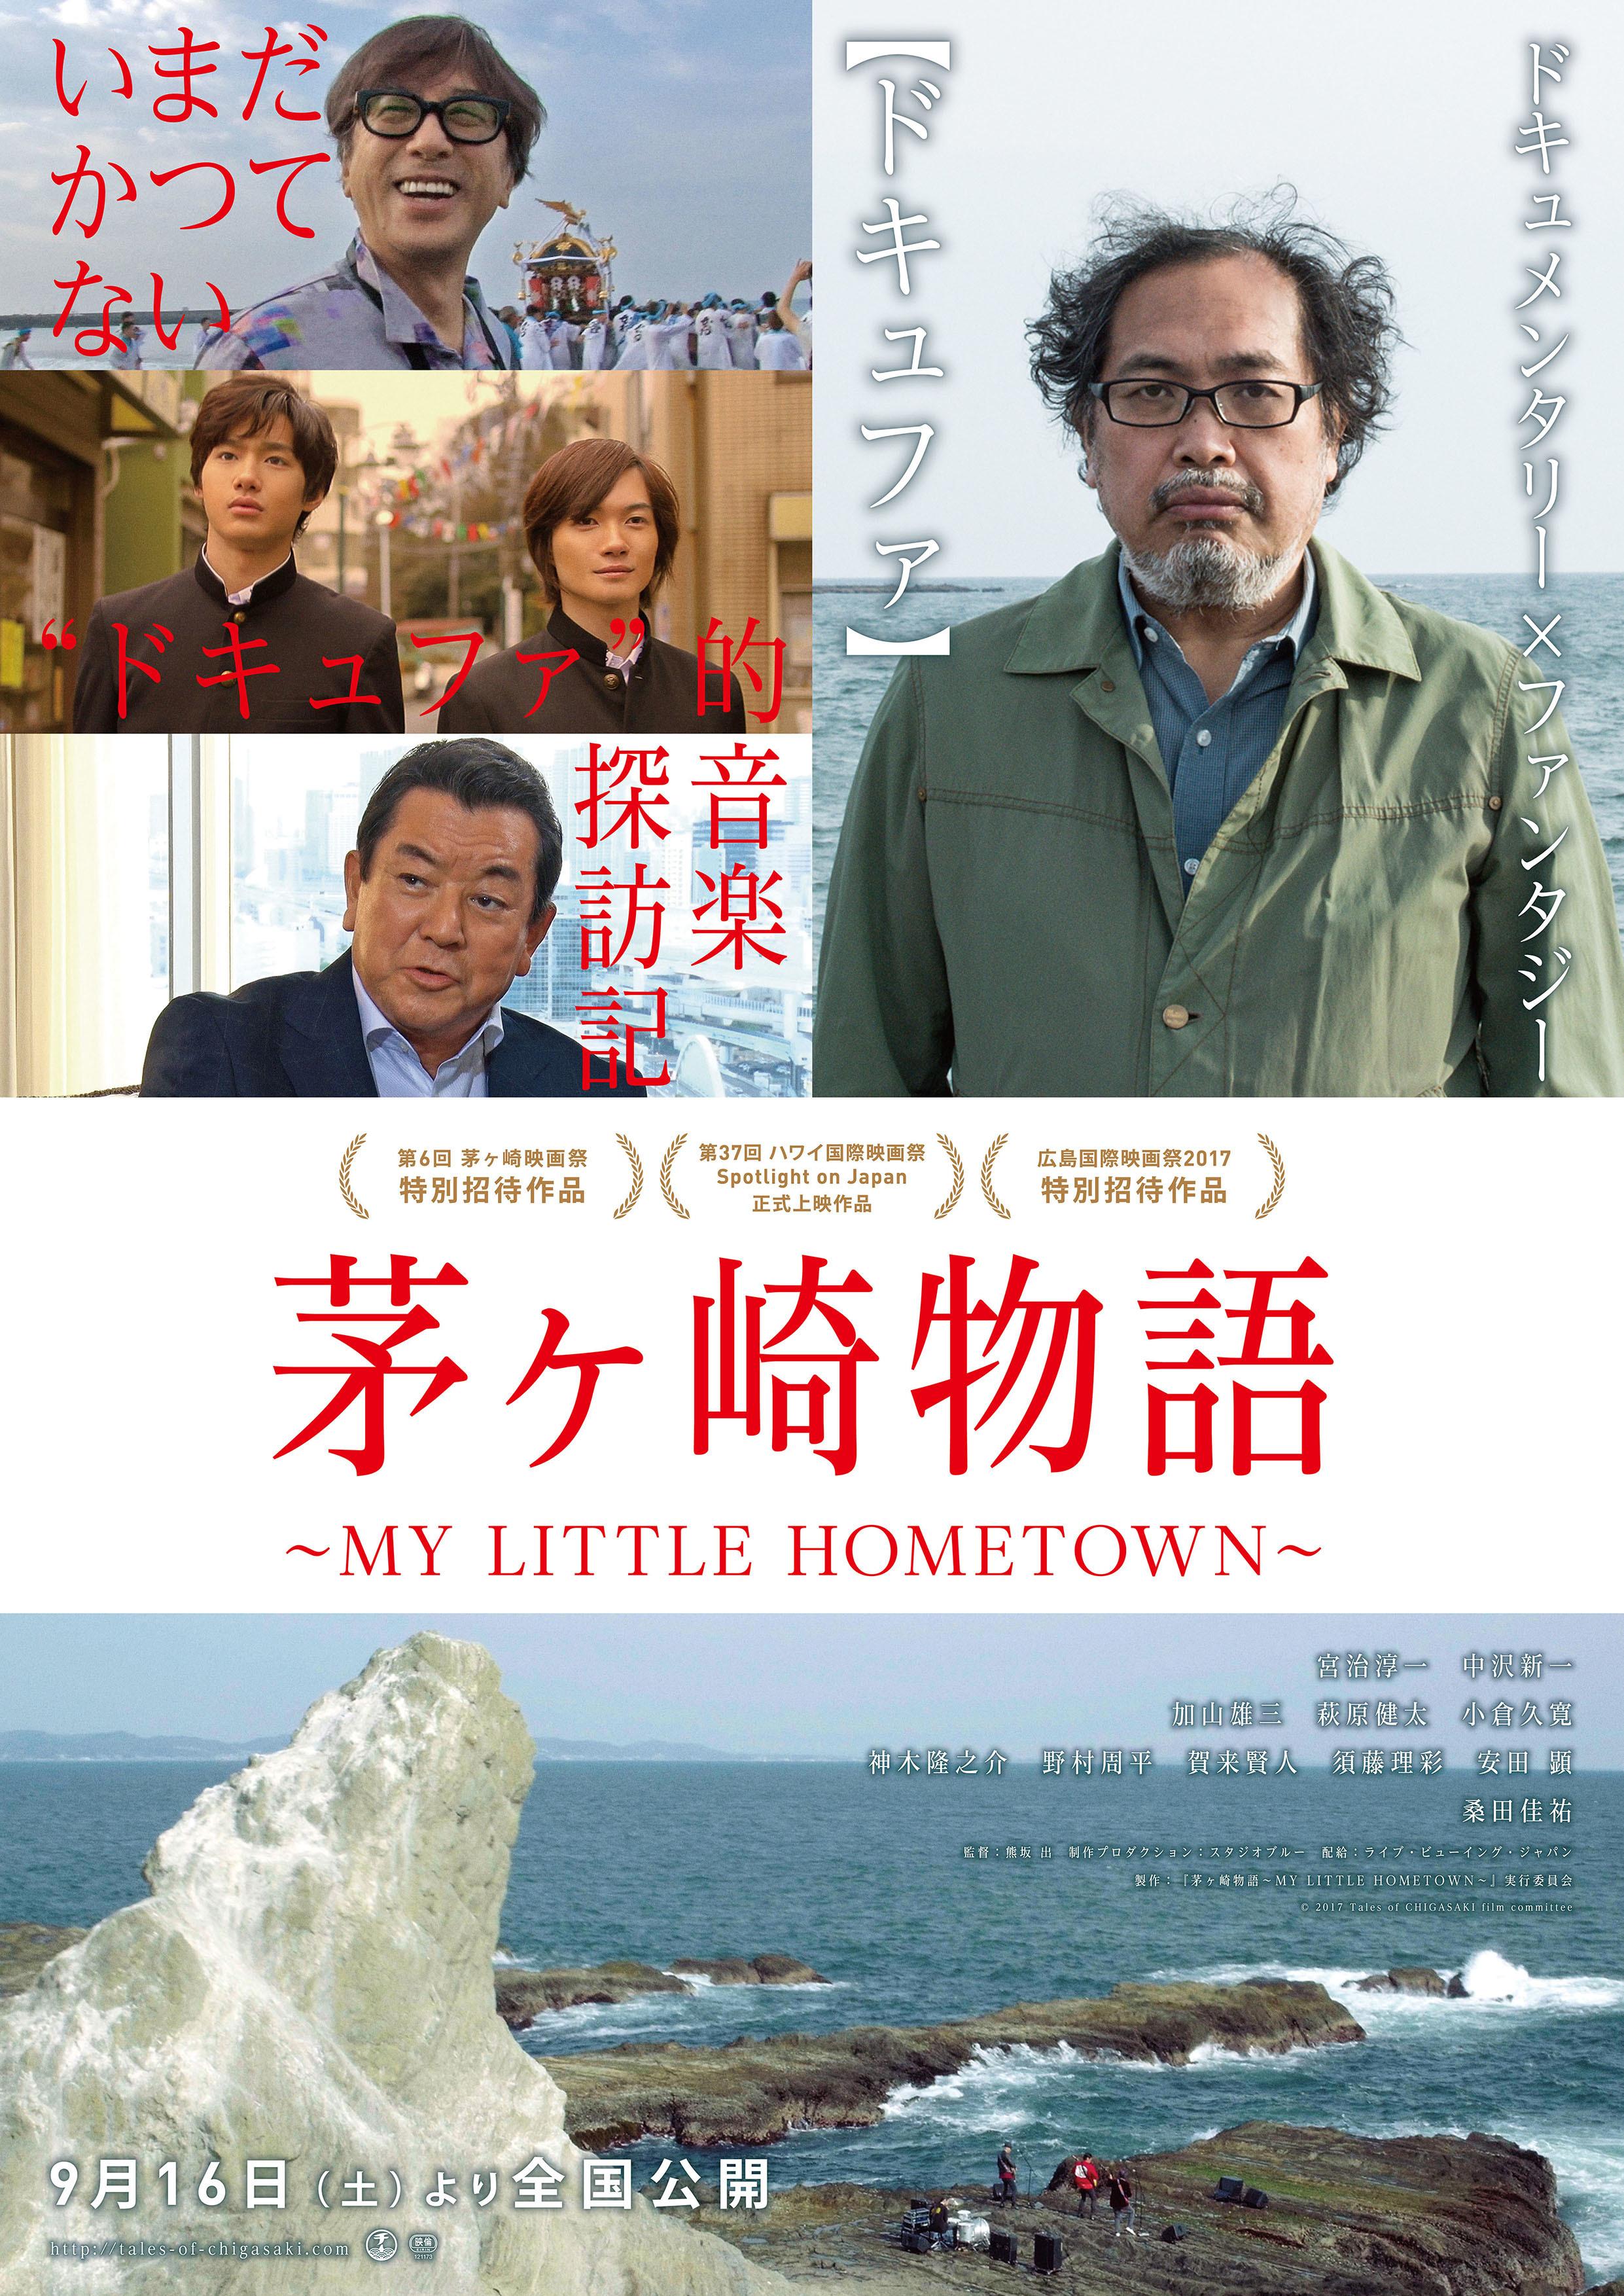 『茅ヶ崎物語 〜MY LITTLE HOMETOWN〜』